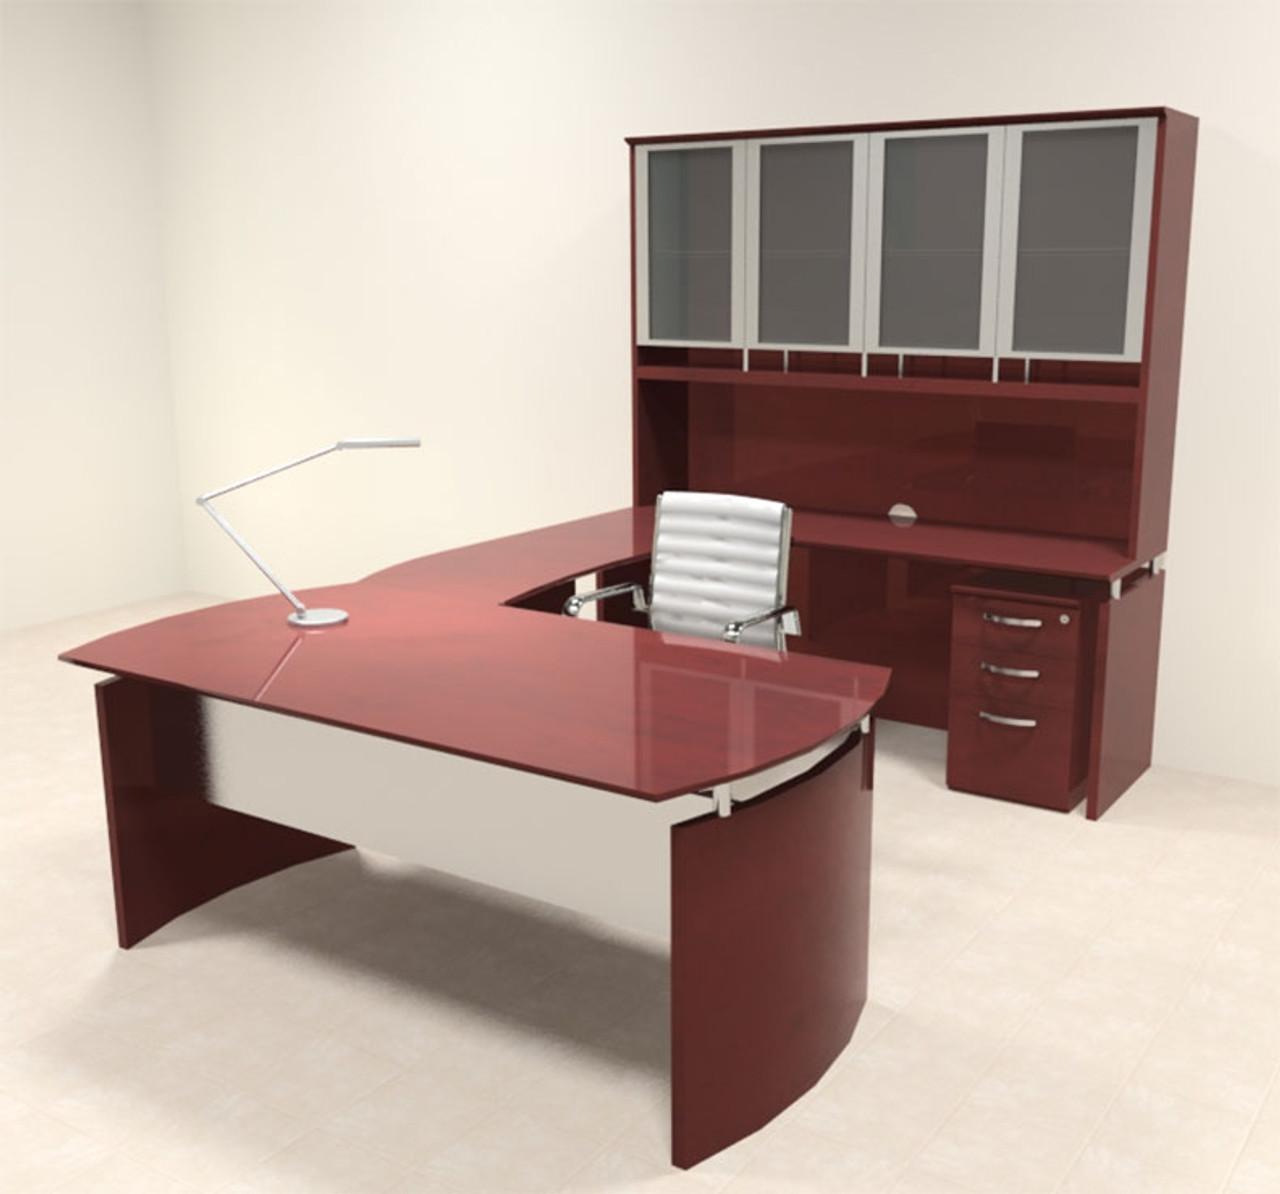 h2o furniture